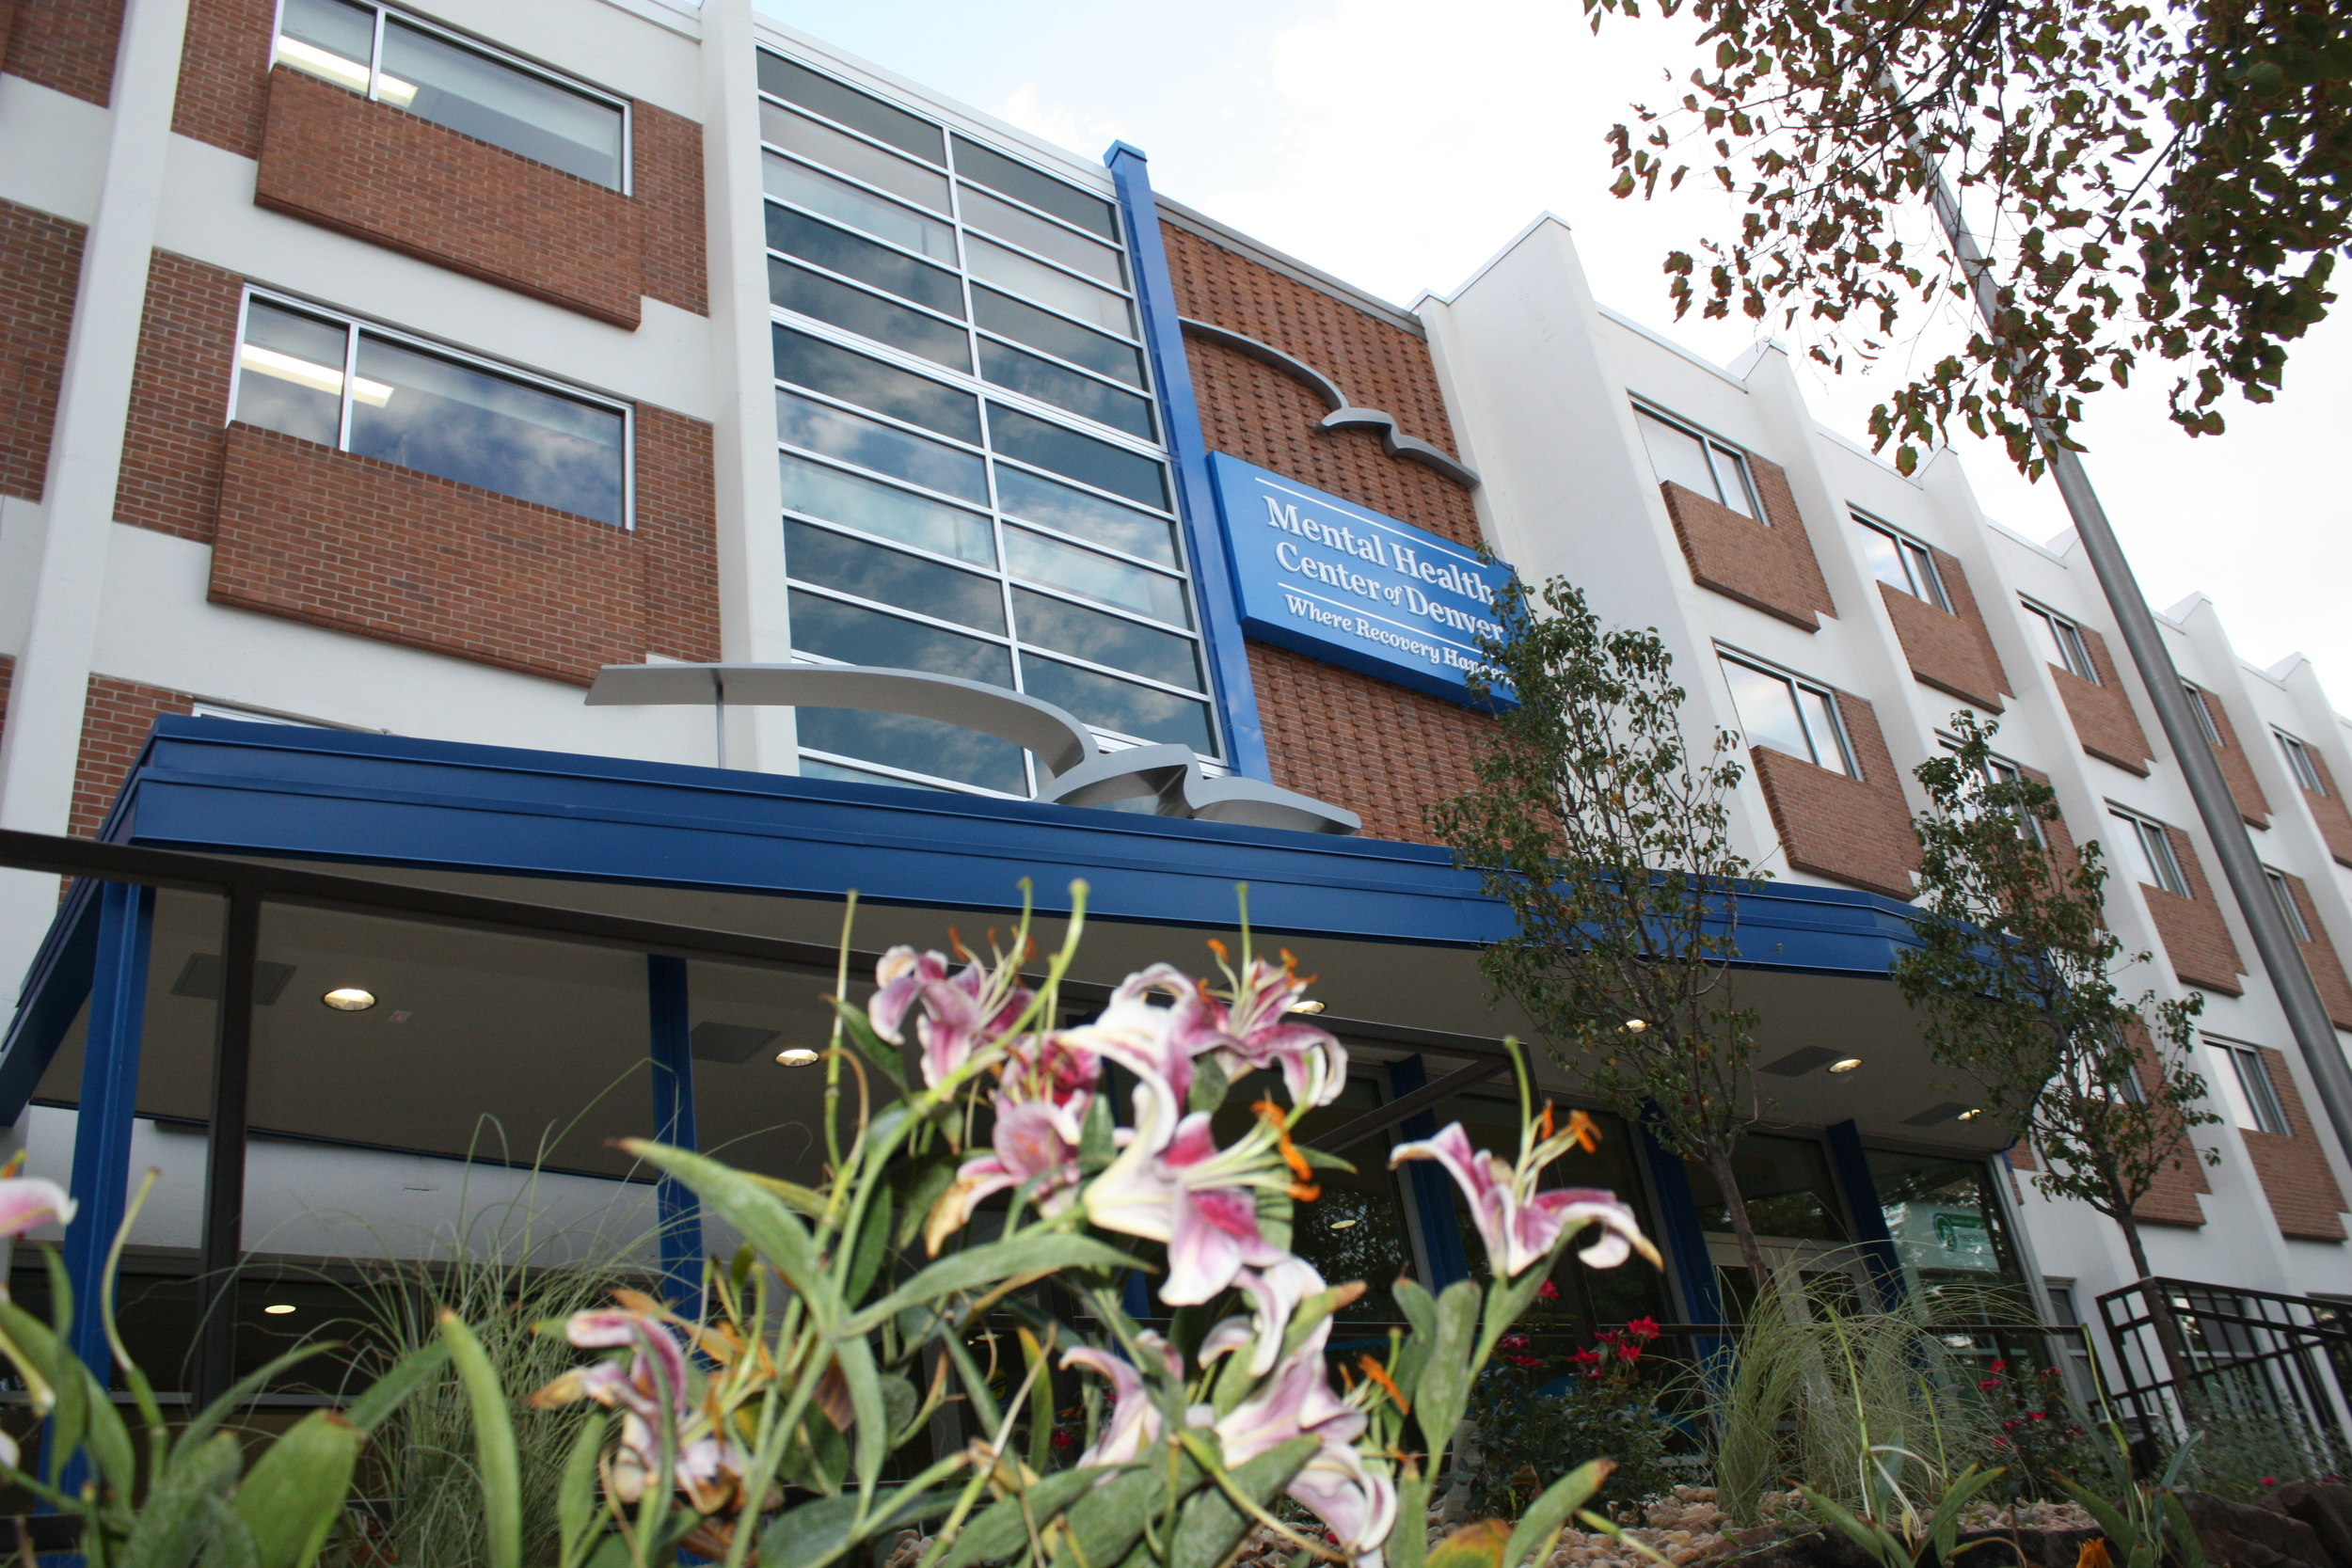 Recovery Center, Mental Health Center of Denver